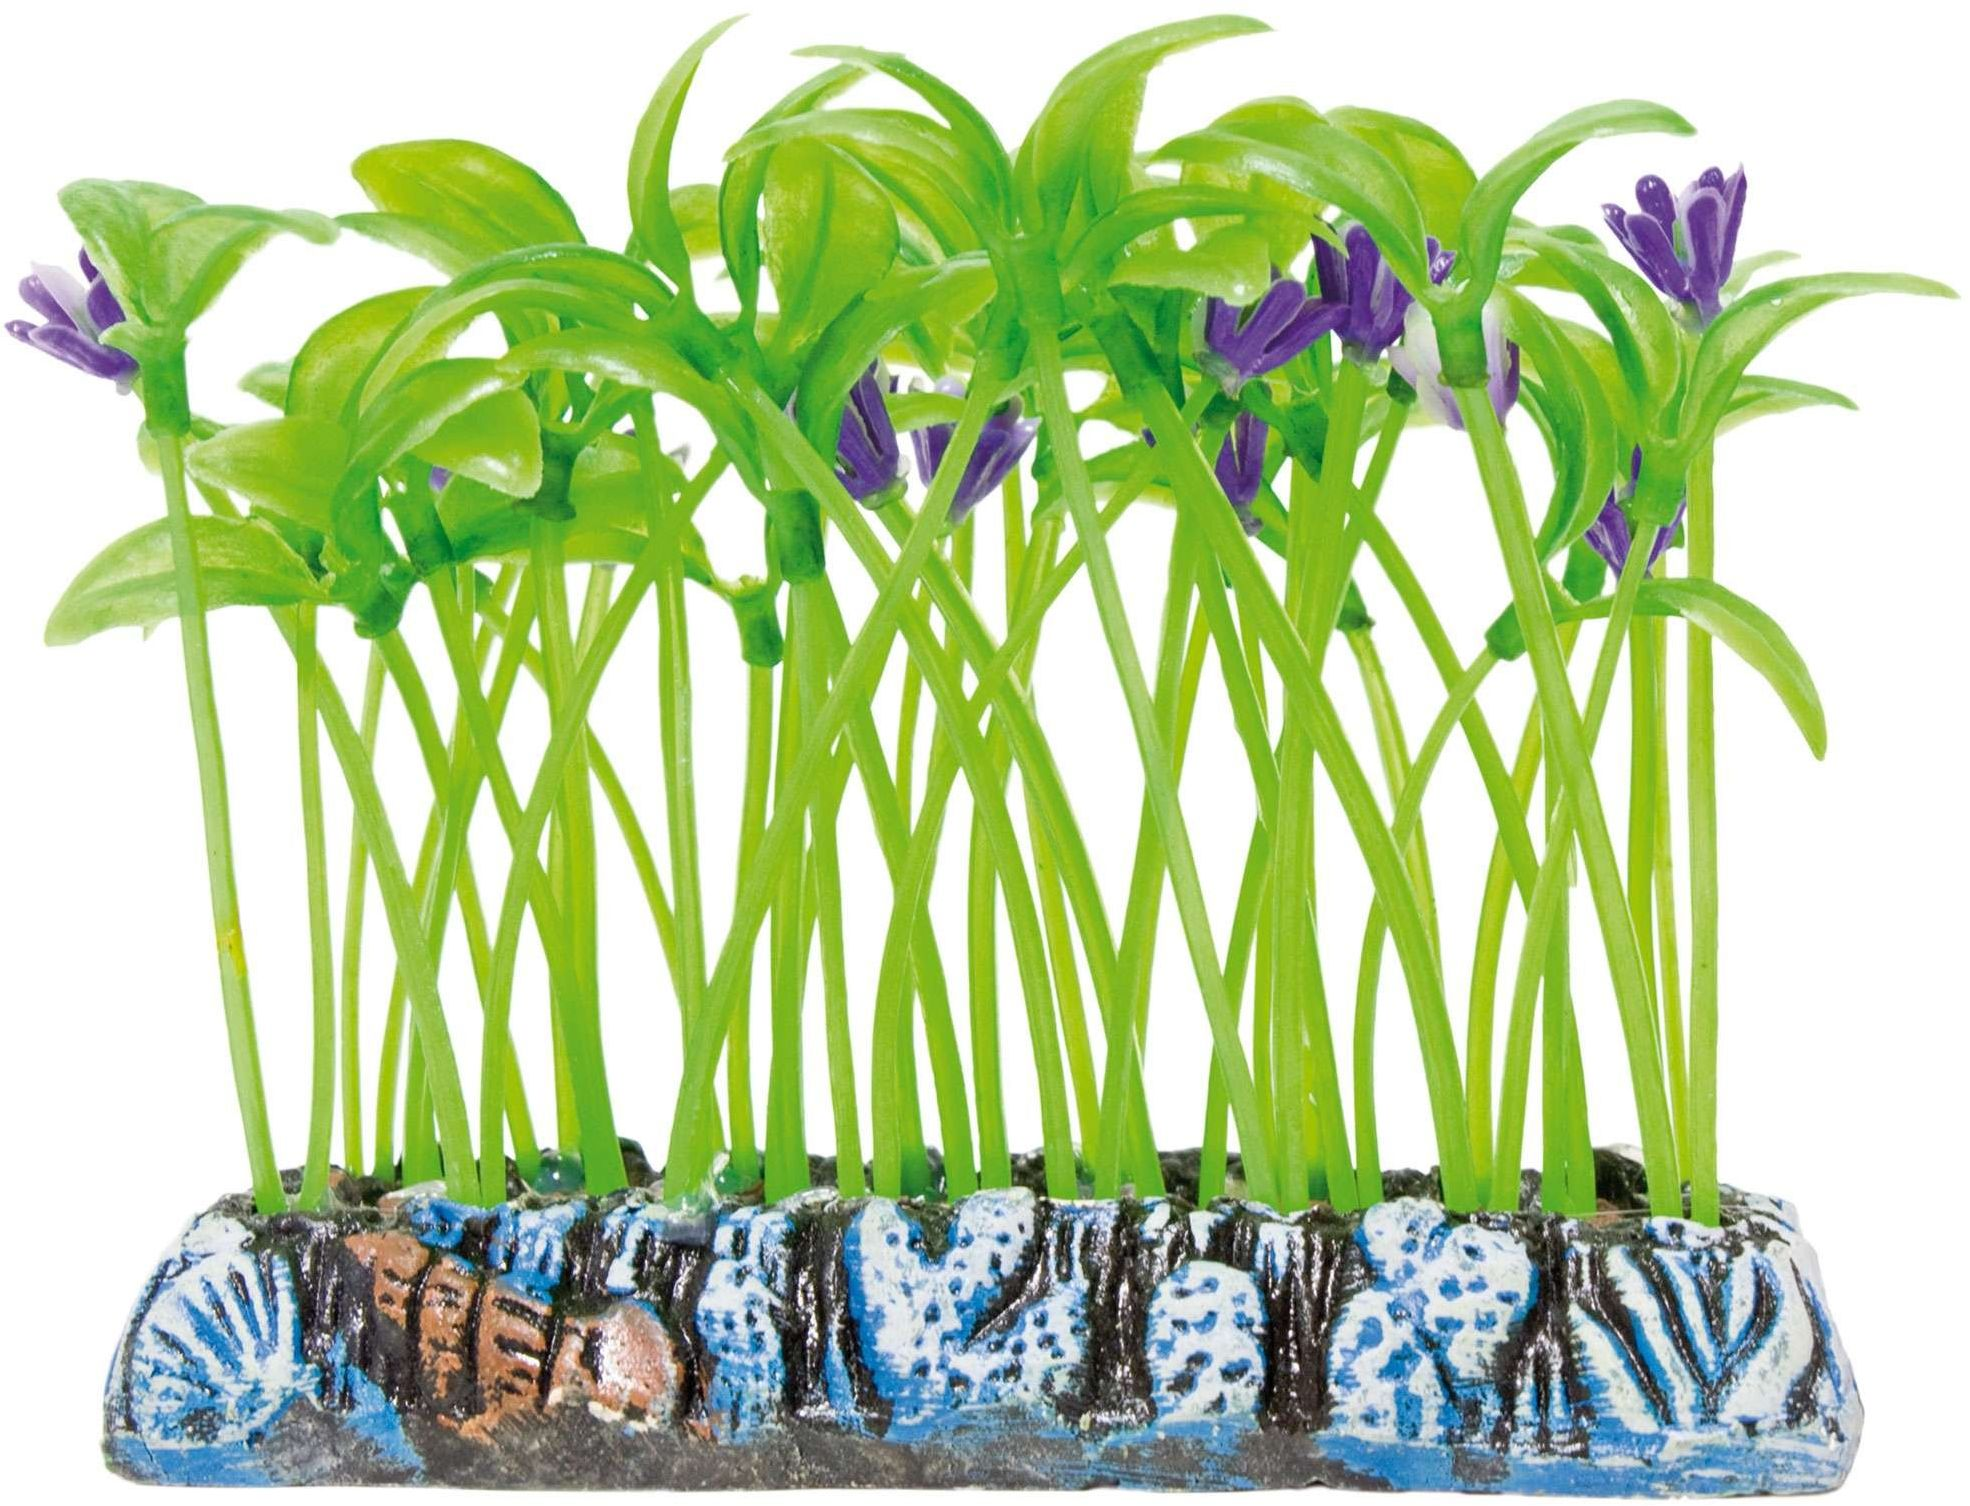 ICA AP1210 Dracaena rośliny wodne plastik